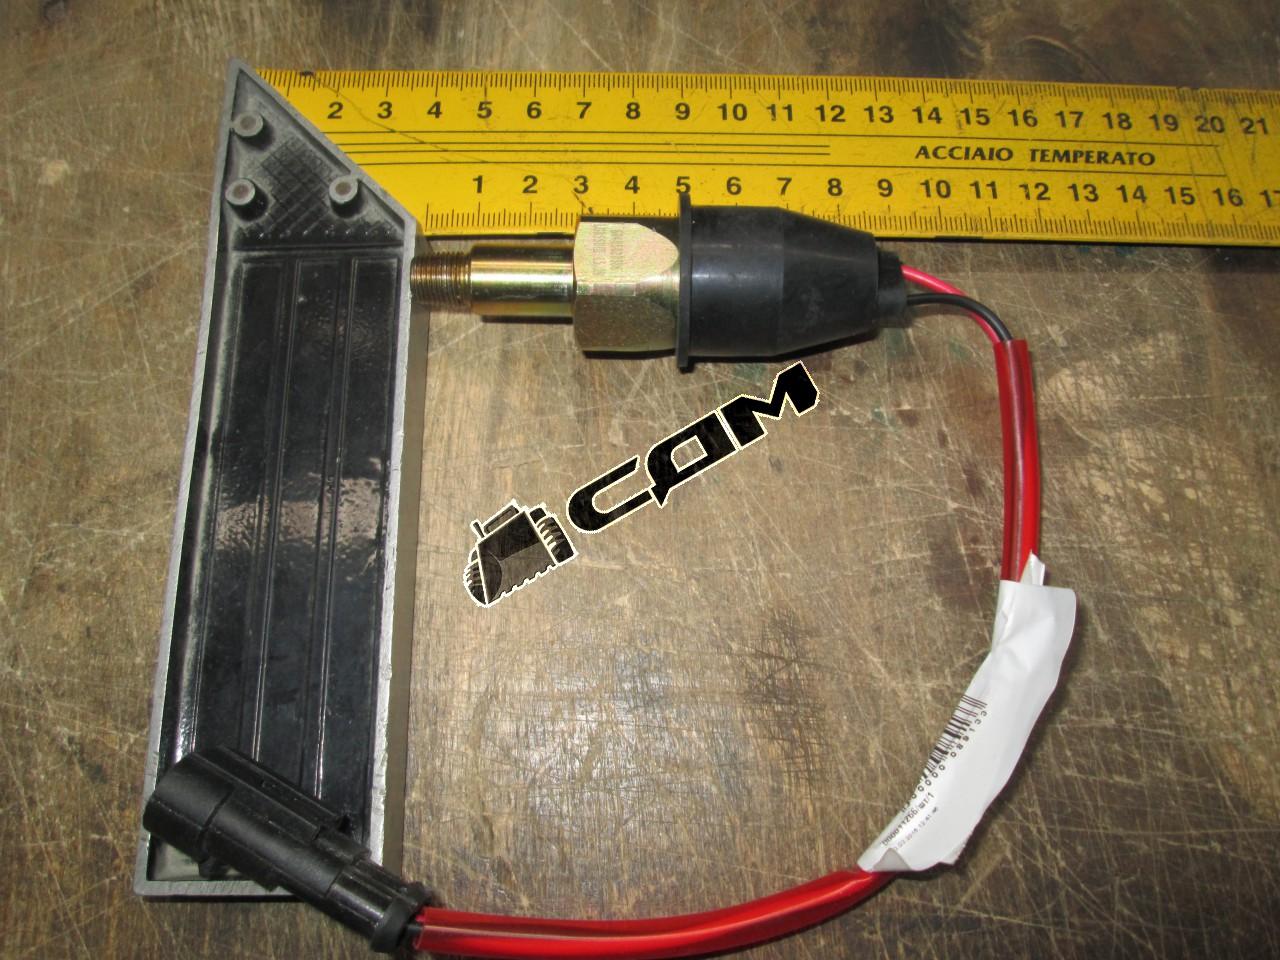 Датчик давления ГМП CDM853 LG855DIII.15.29